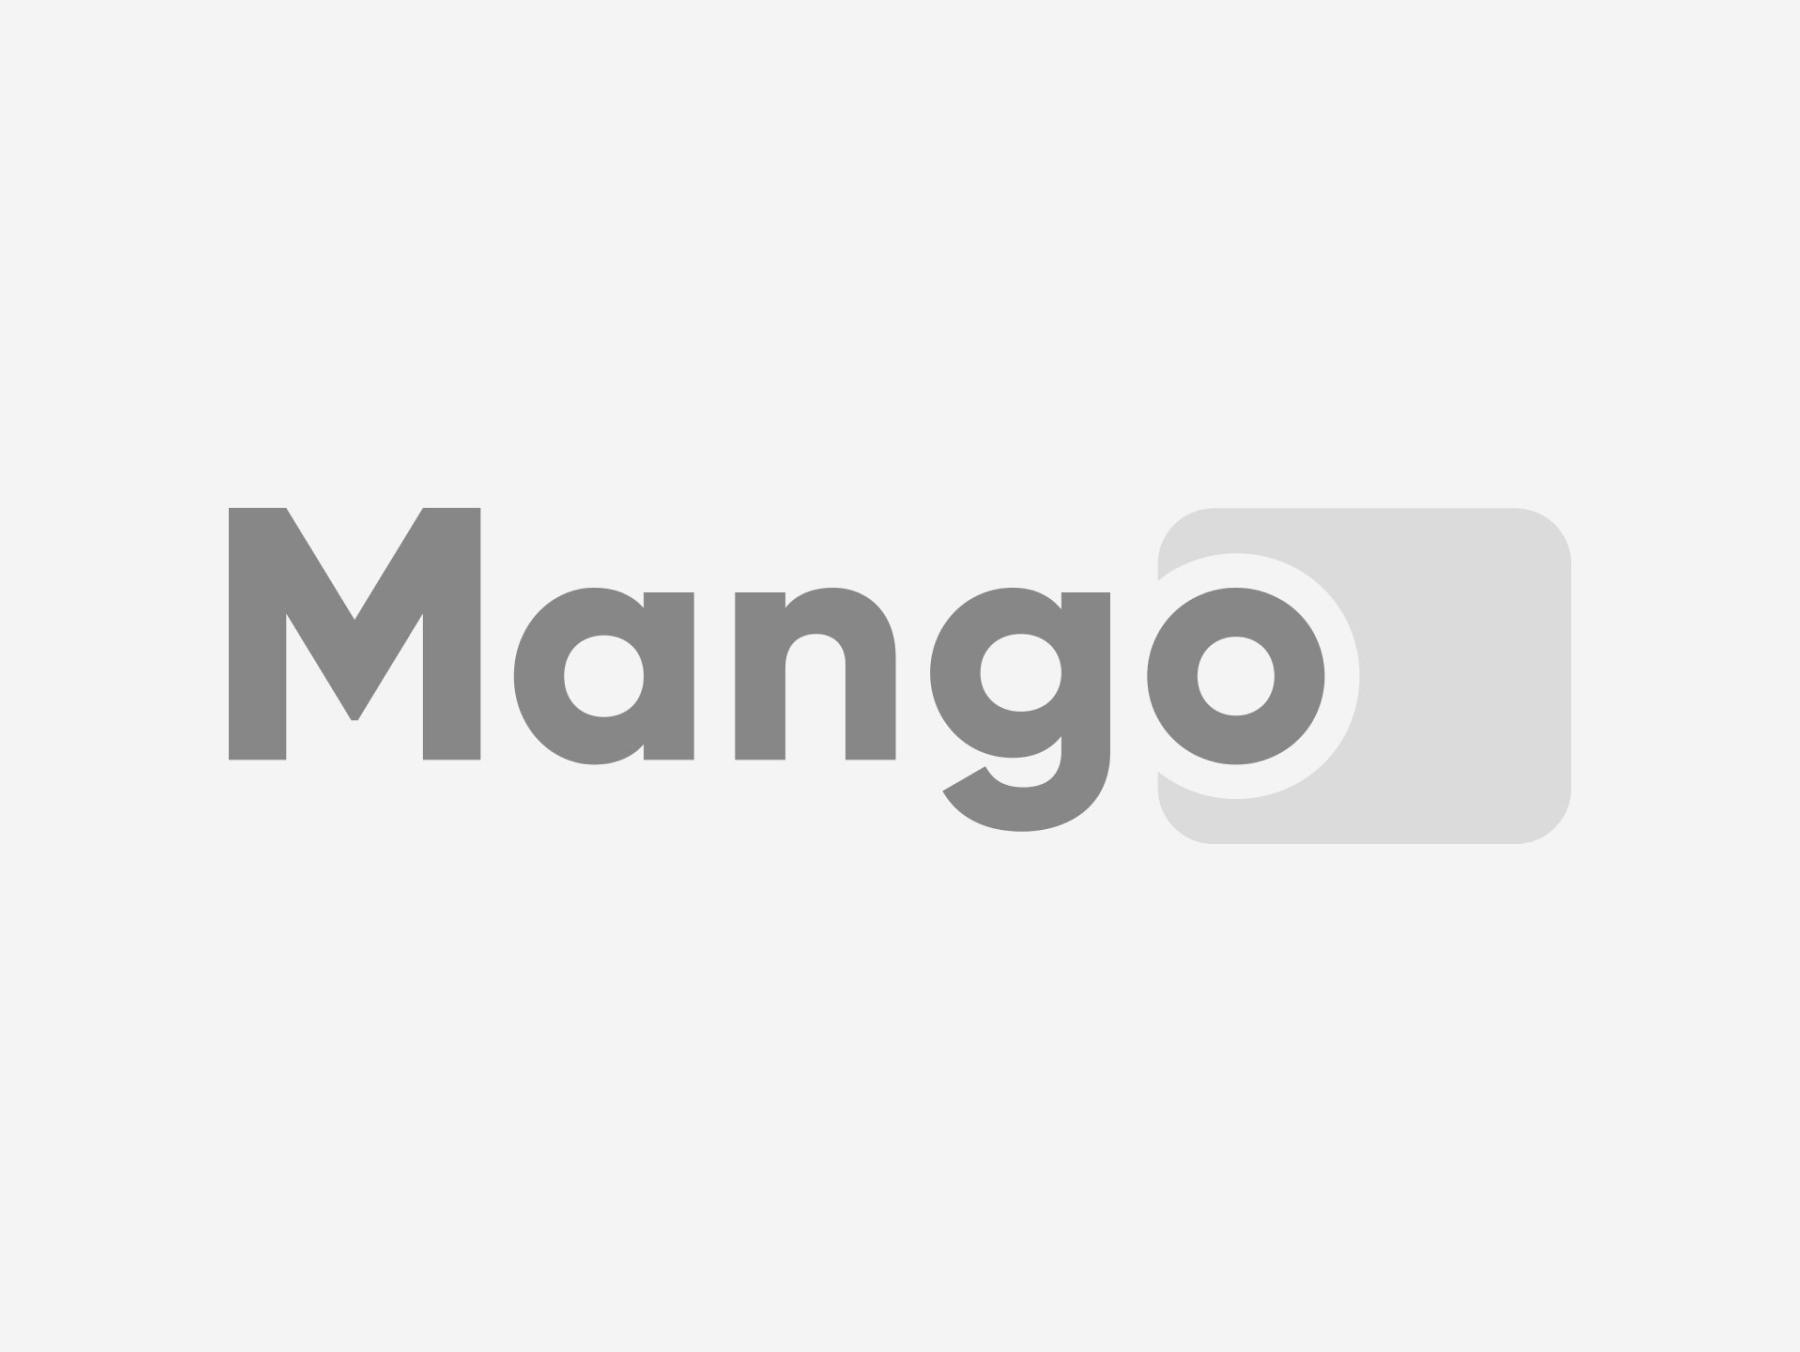 Progress Paleta Tenis de Masa Spokey